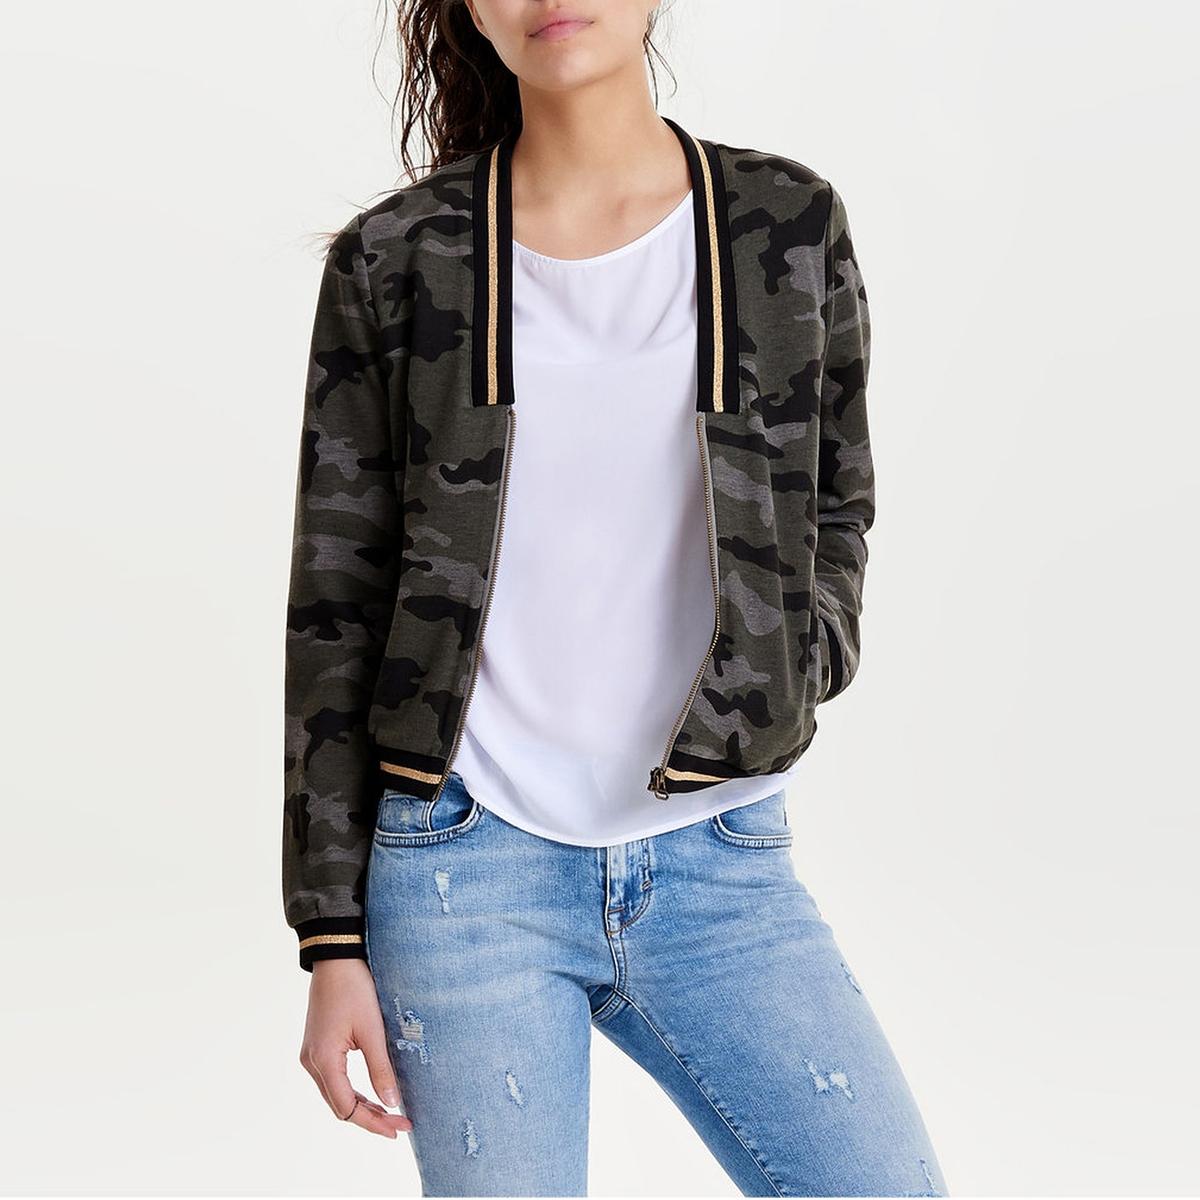 Куртка-бойфренд просторнаяДетали •  Просторная •  Покрой бойфренд, свободный •   V-образный вырезСостав и уход •  63% вискозы, 5% эластана, 32% полиамида •  Следуйте советам по уходу, указанным на этикетке<br><br>Цвет: камуфляж